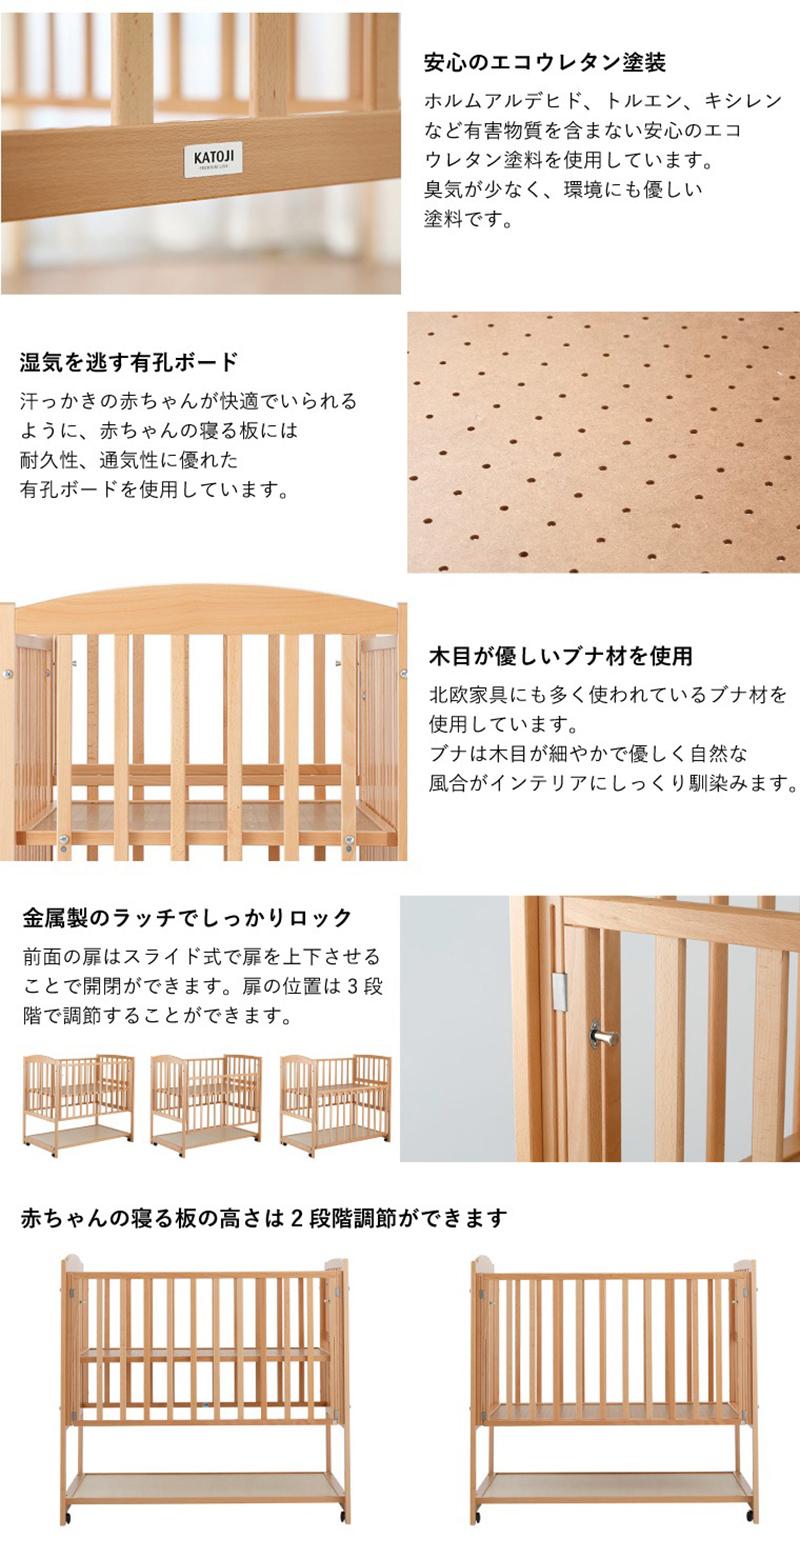 katoji-baby-bed-3.jpg